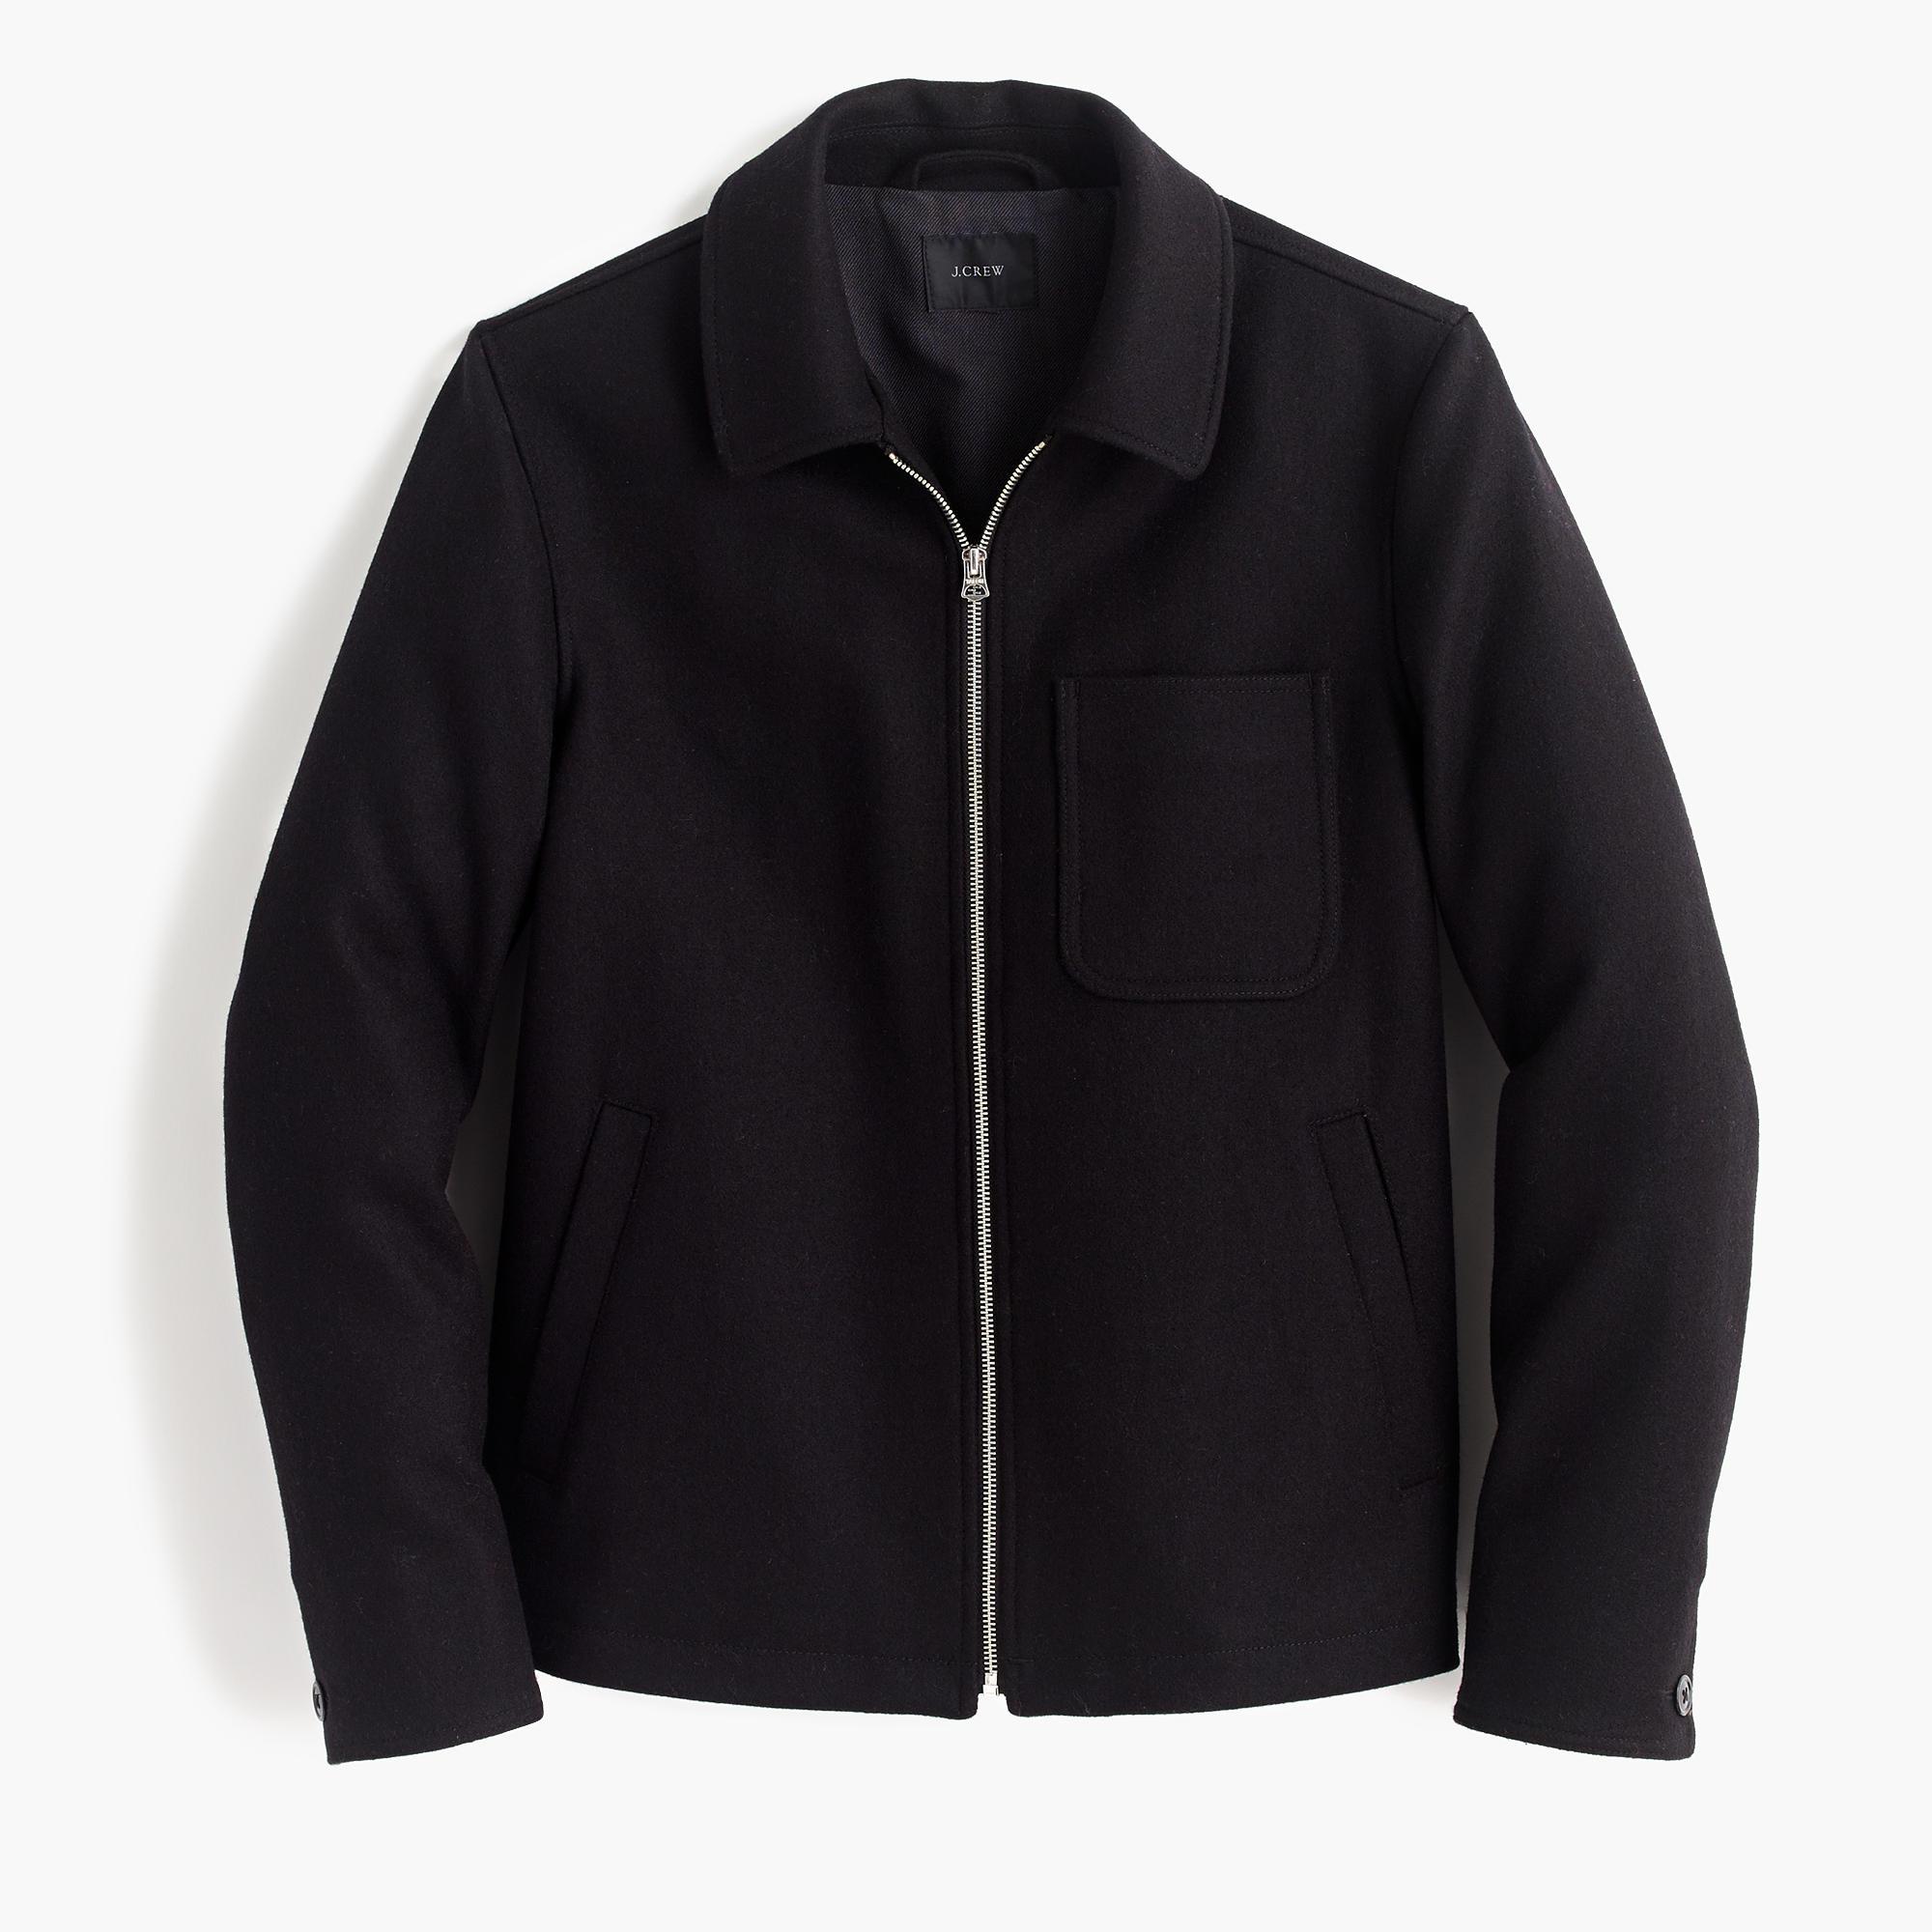 Quad Wool Jacket : Men's Coats & Jackets